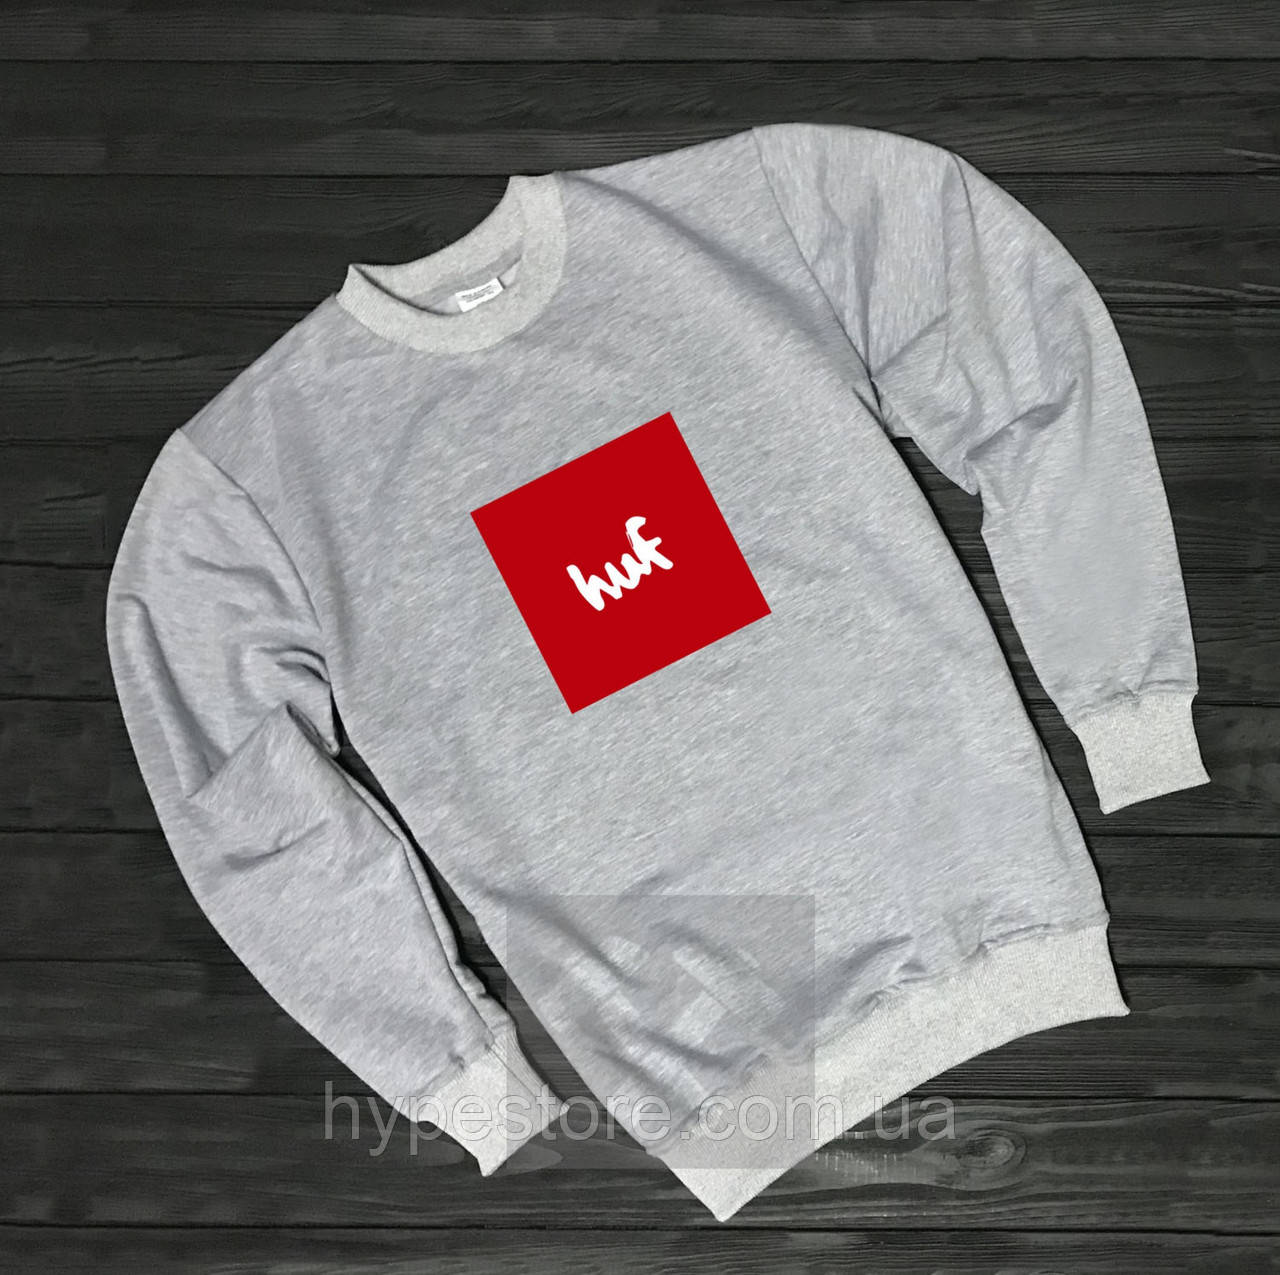 Мужской спортивный серый свитшот, кофта, лонгслив, реглан Huf (красный лого), Реплика